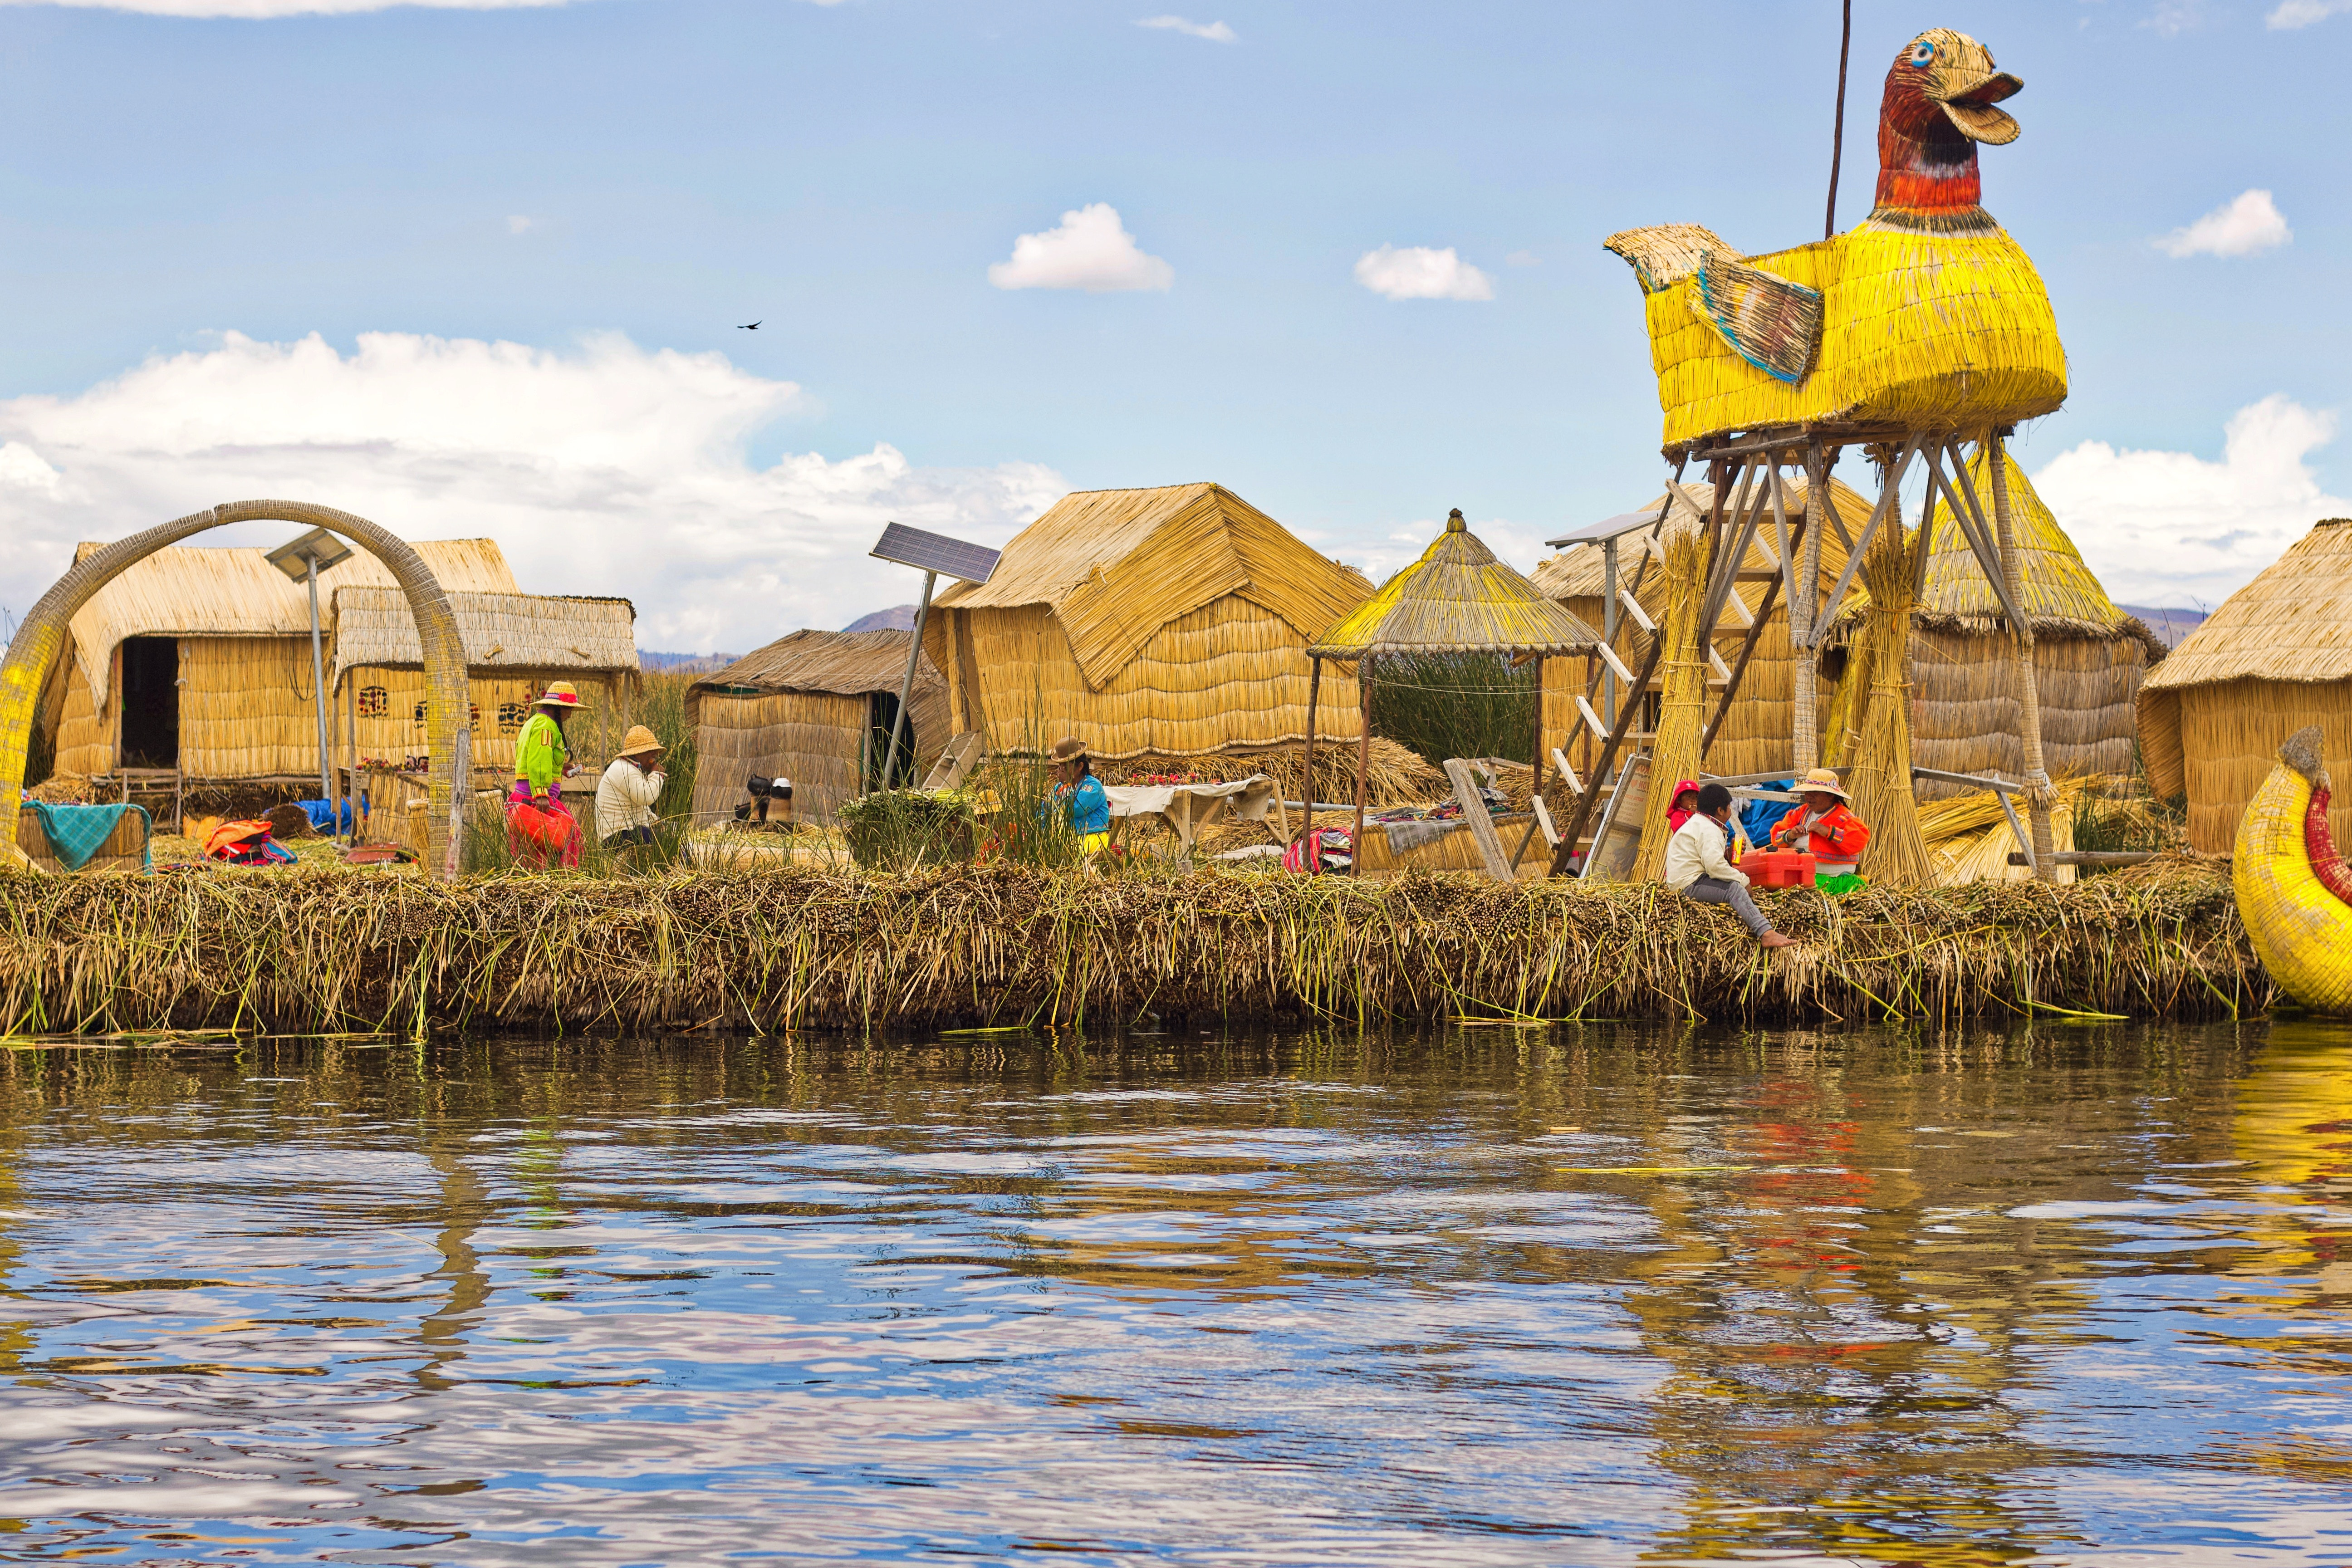 Imagen de fondo de Centro de Promoción y Desarrollo (CEPRODER APURÍMAC)